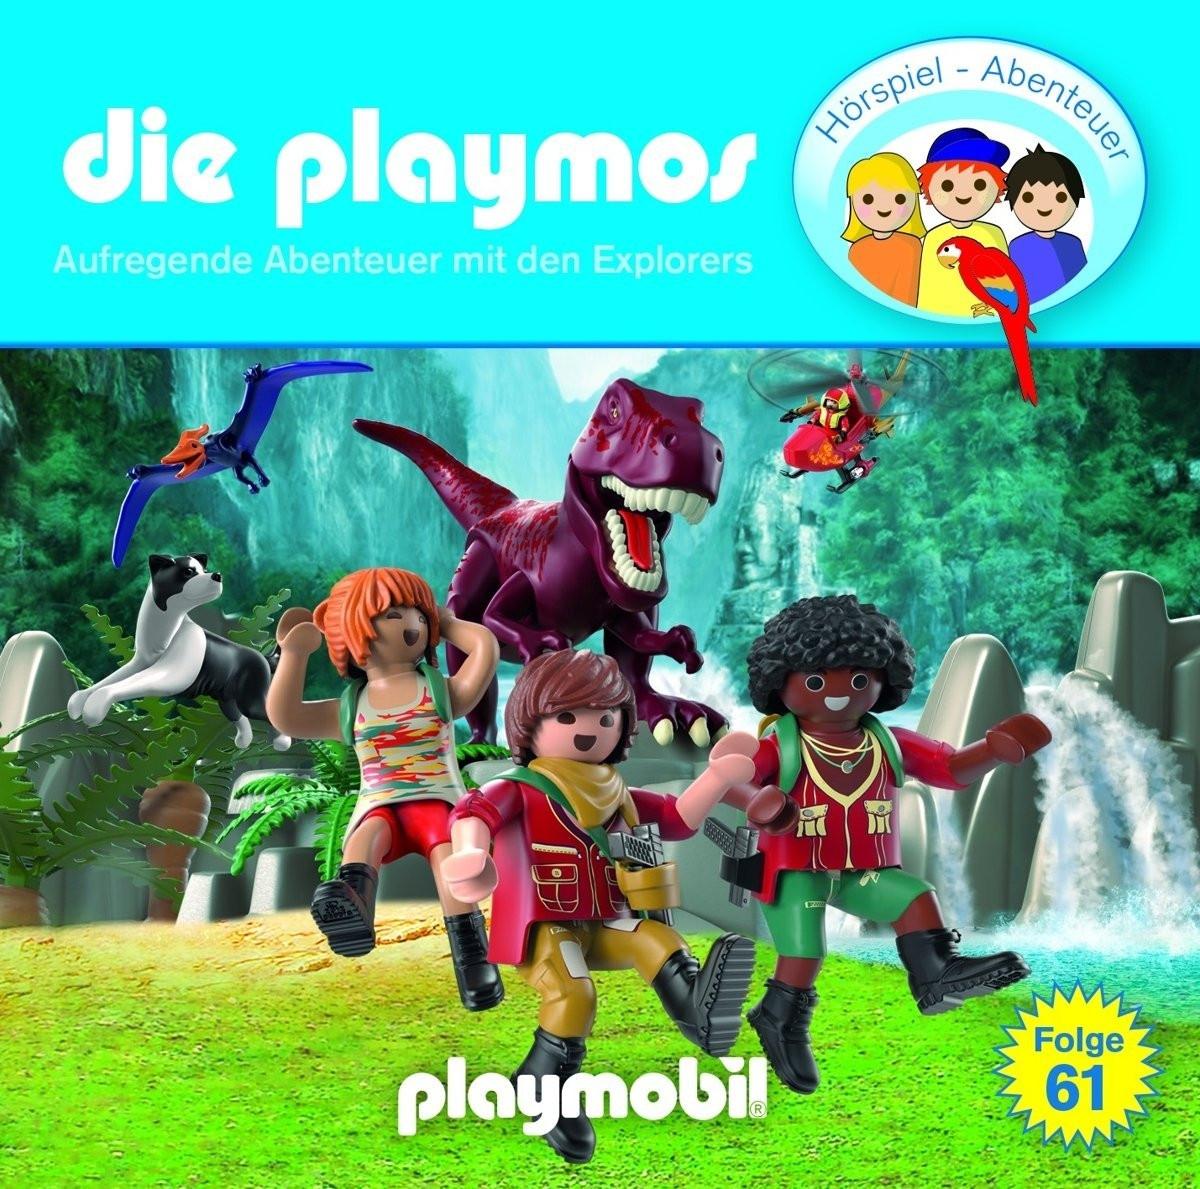 Die Playmos - Folge 61: Aufregende Abenteuer mit den Explorers